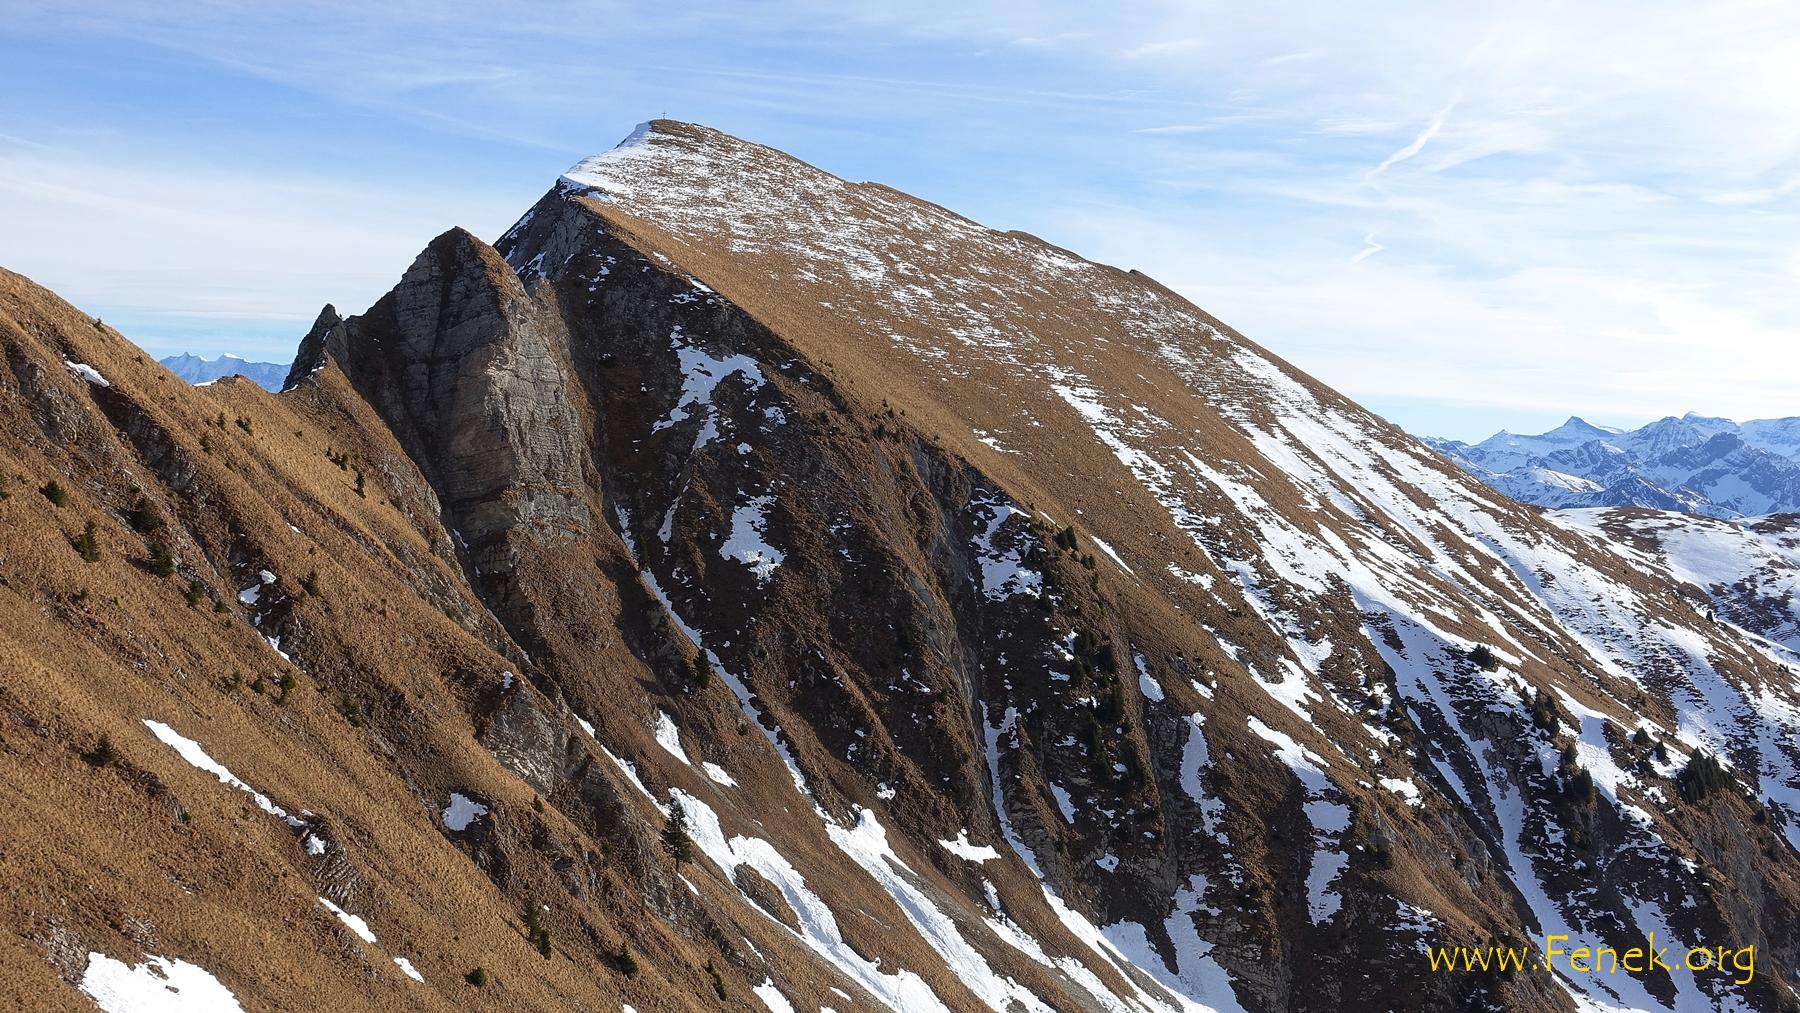 Widdergalm mit den Schwierigkeiten am Grat - weil ich den Gipfel schon bestiegen habe liess ich das Abenteuer aus....